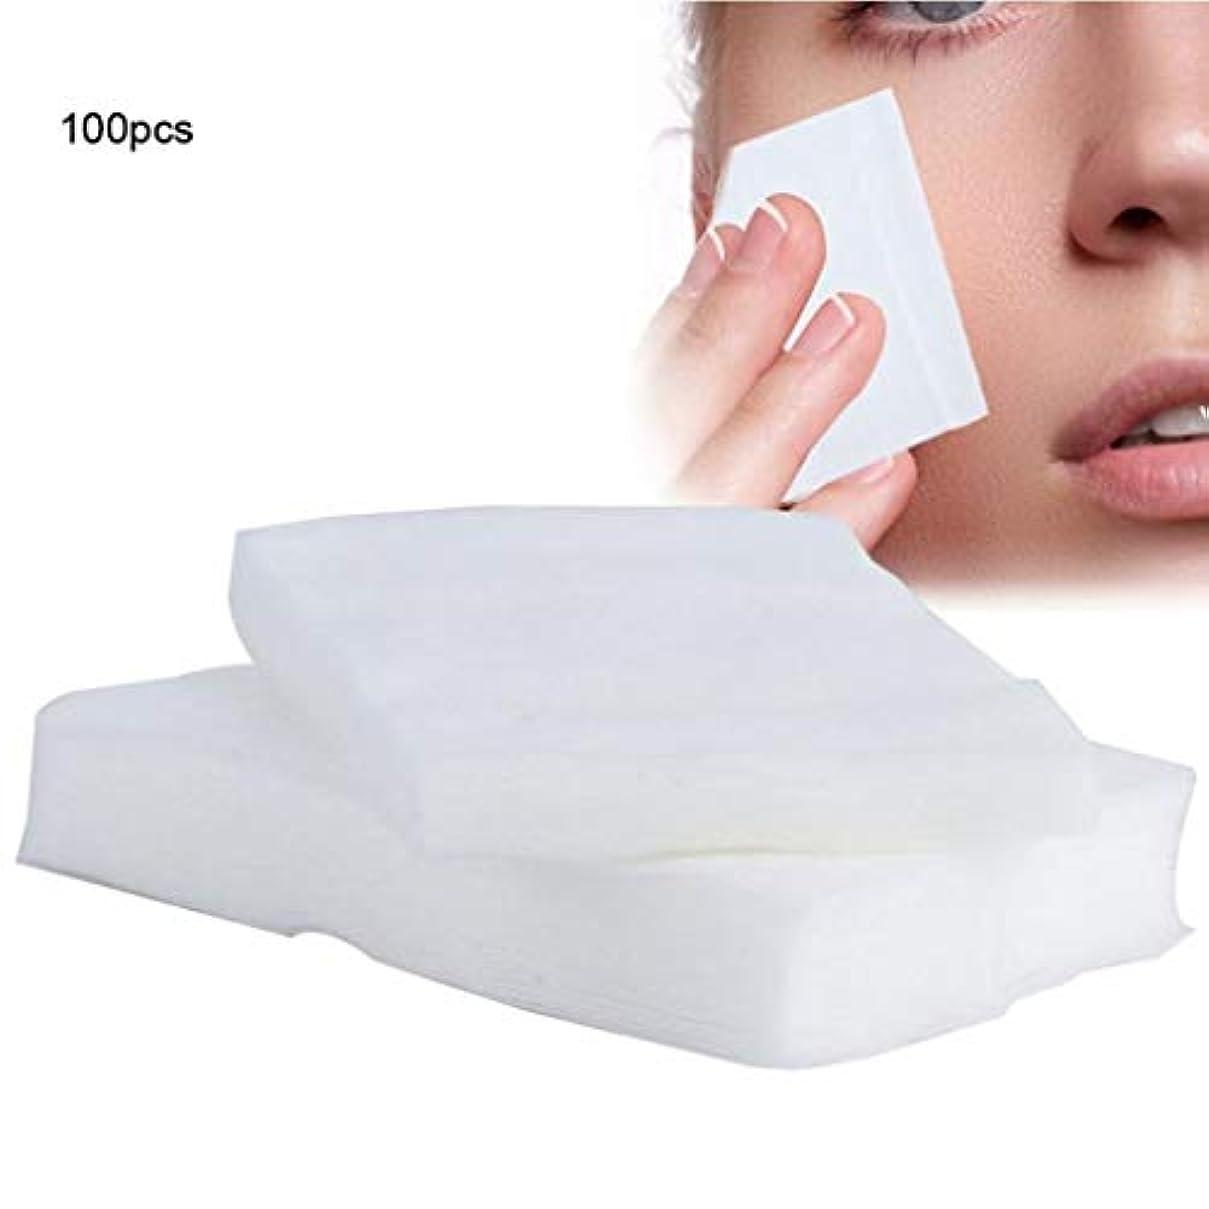 プロットソフトウェアプロトタイプクレンジングシート 100ピース化粧コットンパッド使い捨て化粧品リムーバーソフトフェイシャルクレンジングワイプペーパータオルメイクアップリムーバーワイプ (Color : White, サイズ : 6*7cm)